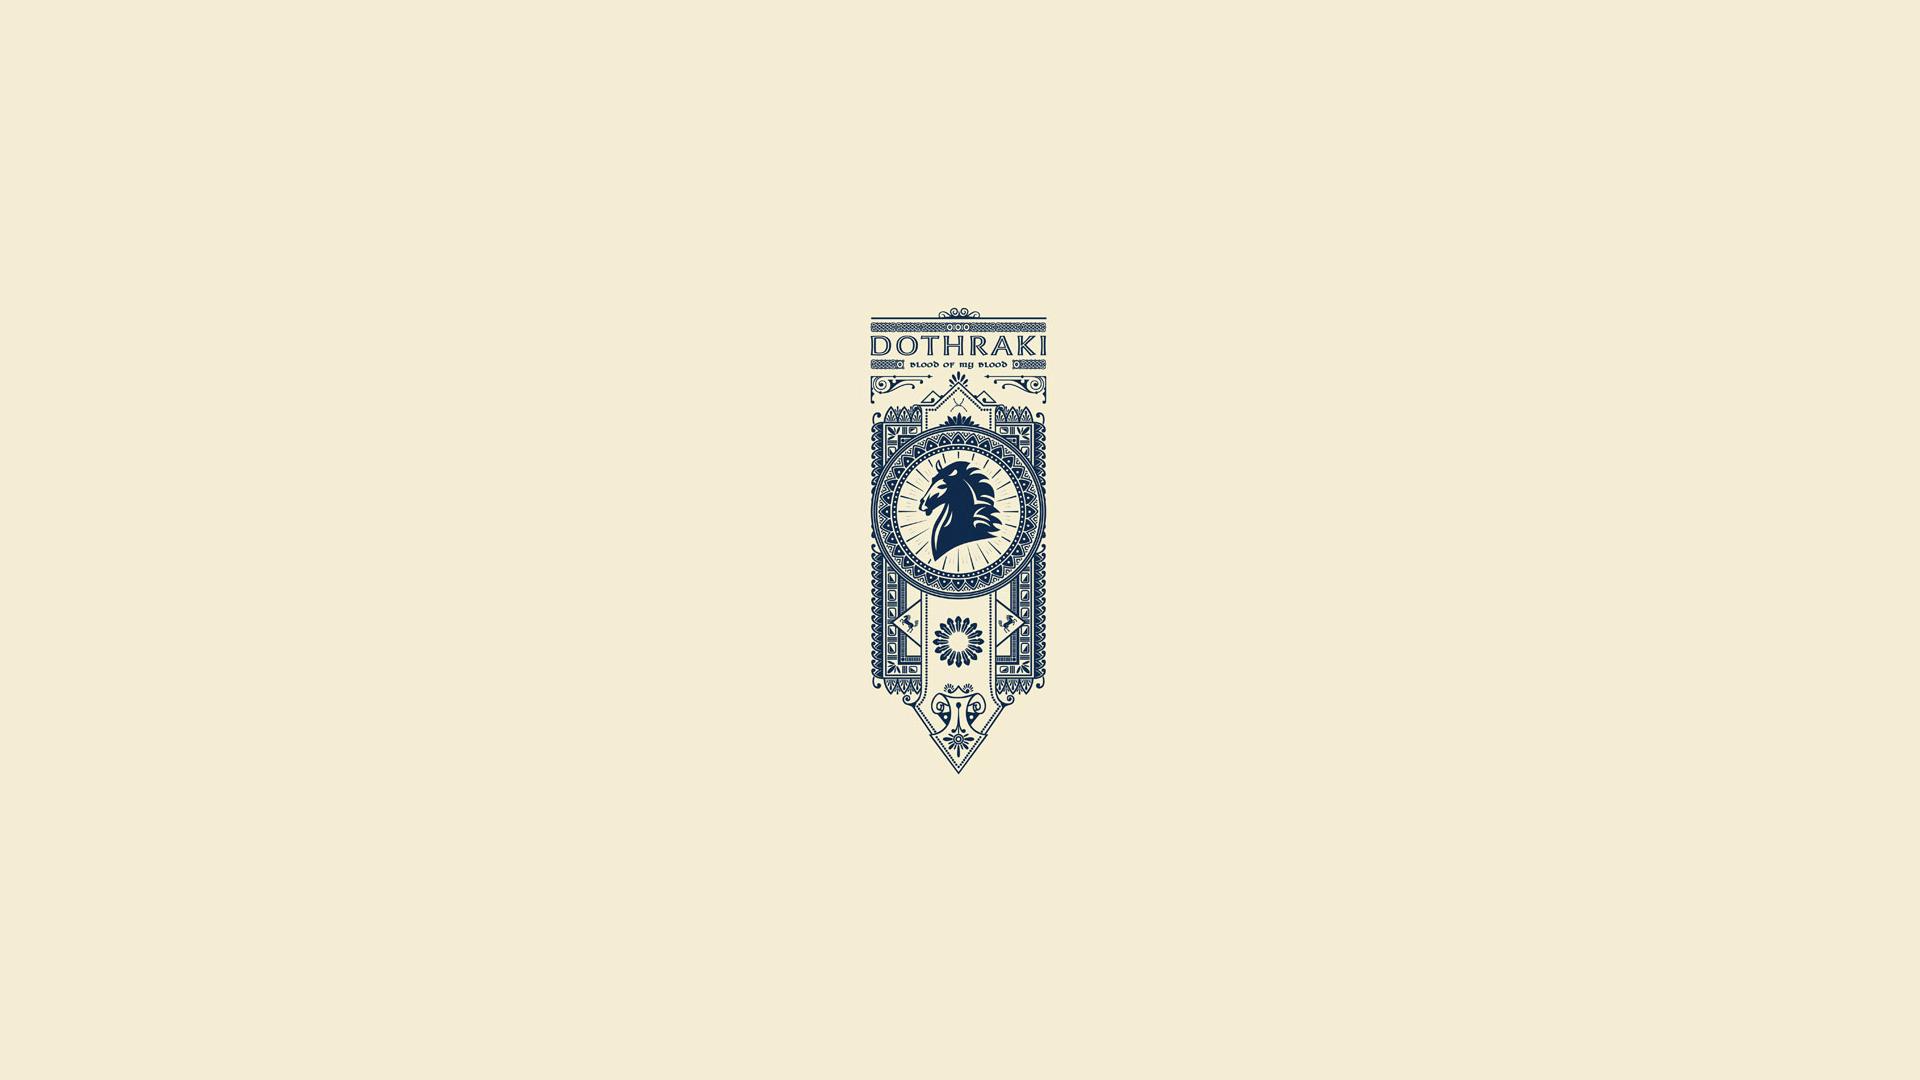 wallpaper minimalist 1920x1080 1920x1080